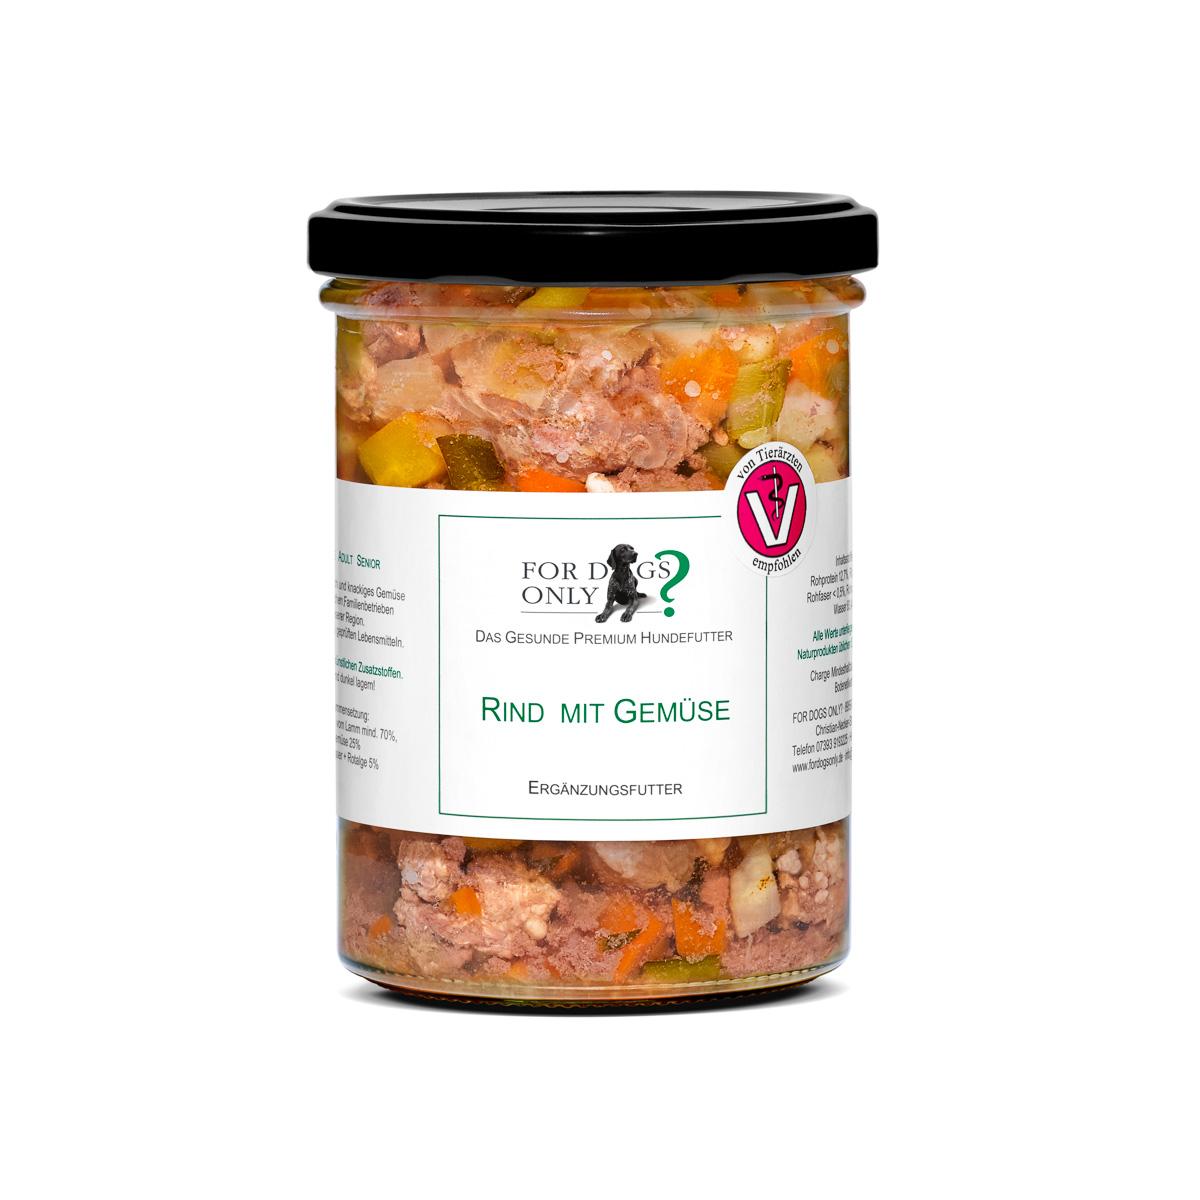 Premium Hundefutter Rind mit Gemüse